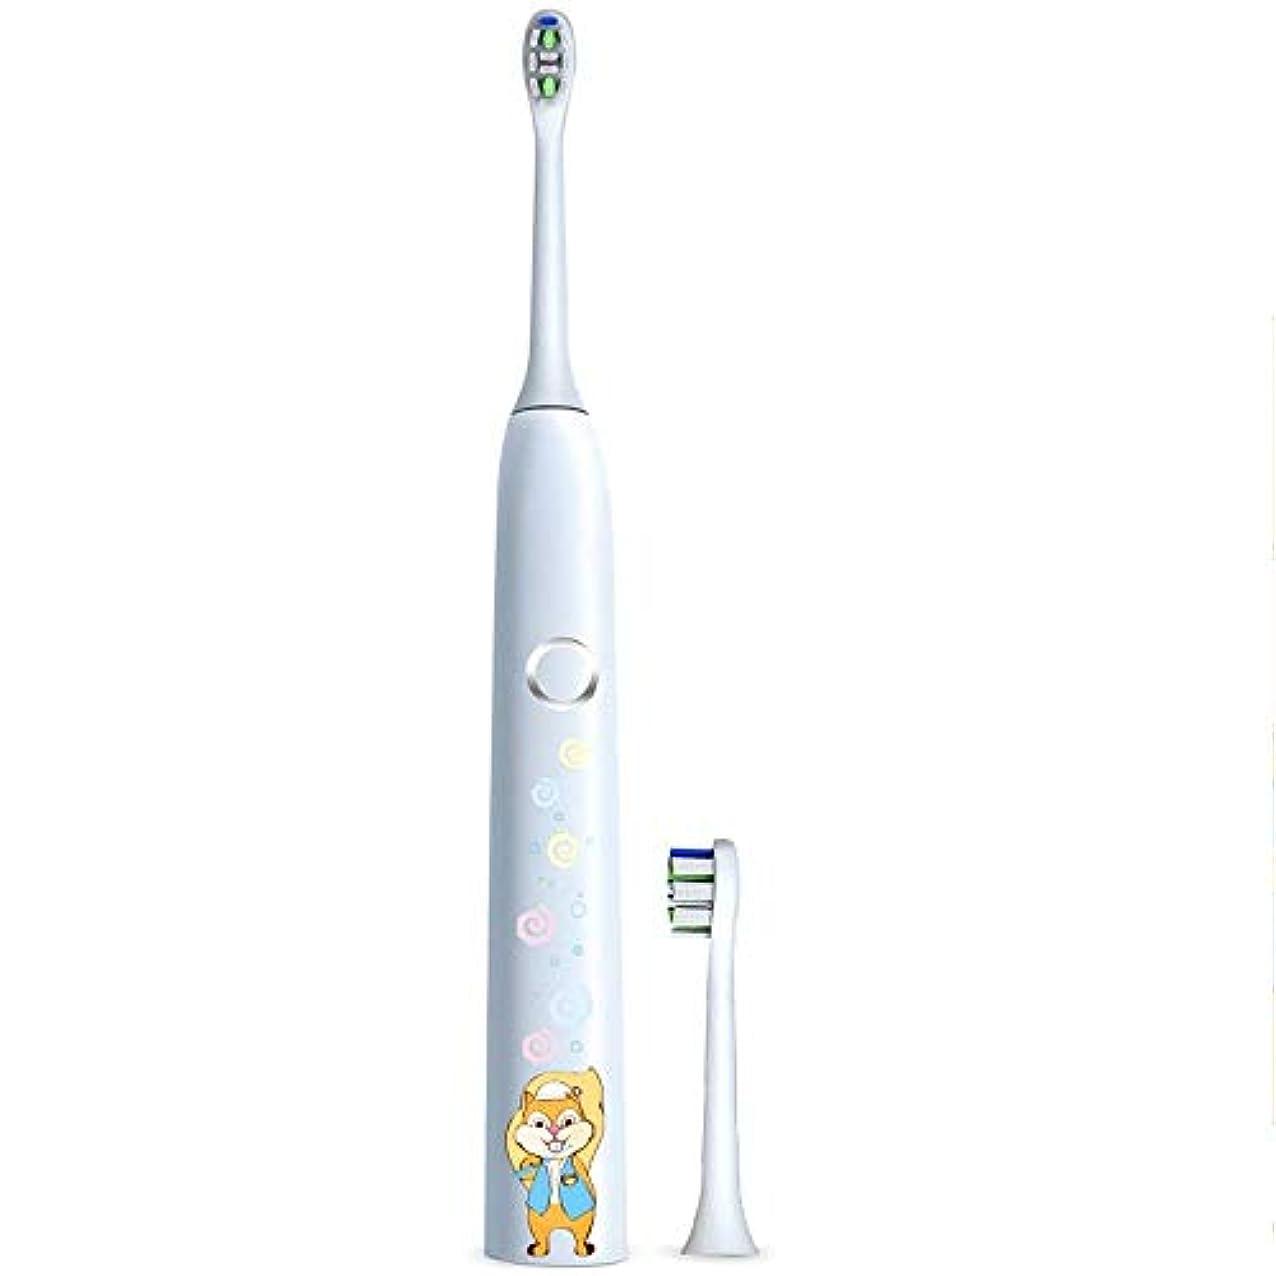 地雷原冷ややかな異形電動歯ブラシ 子供の電動歯ブラシ保護クリーンUSB充電式ソフトヘア歯ブラシ歯医者推奨 ケアー プロテクトクリーン (色 : 白, サイズ : Free size)